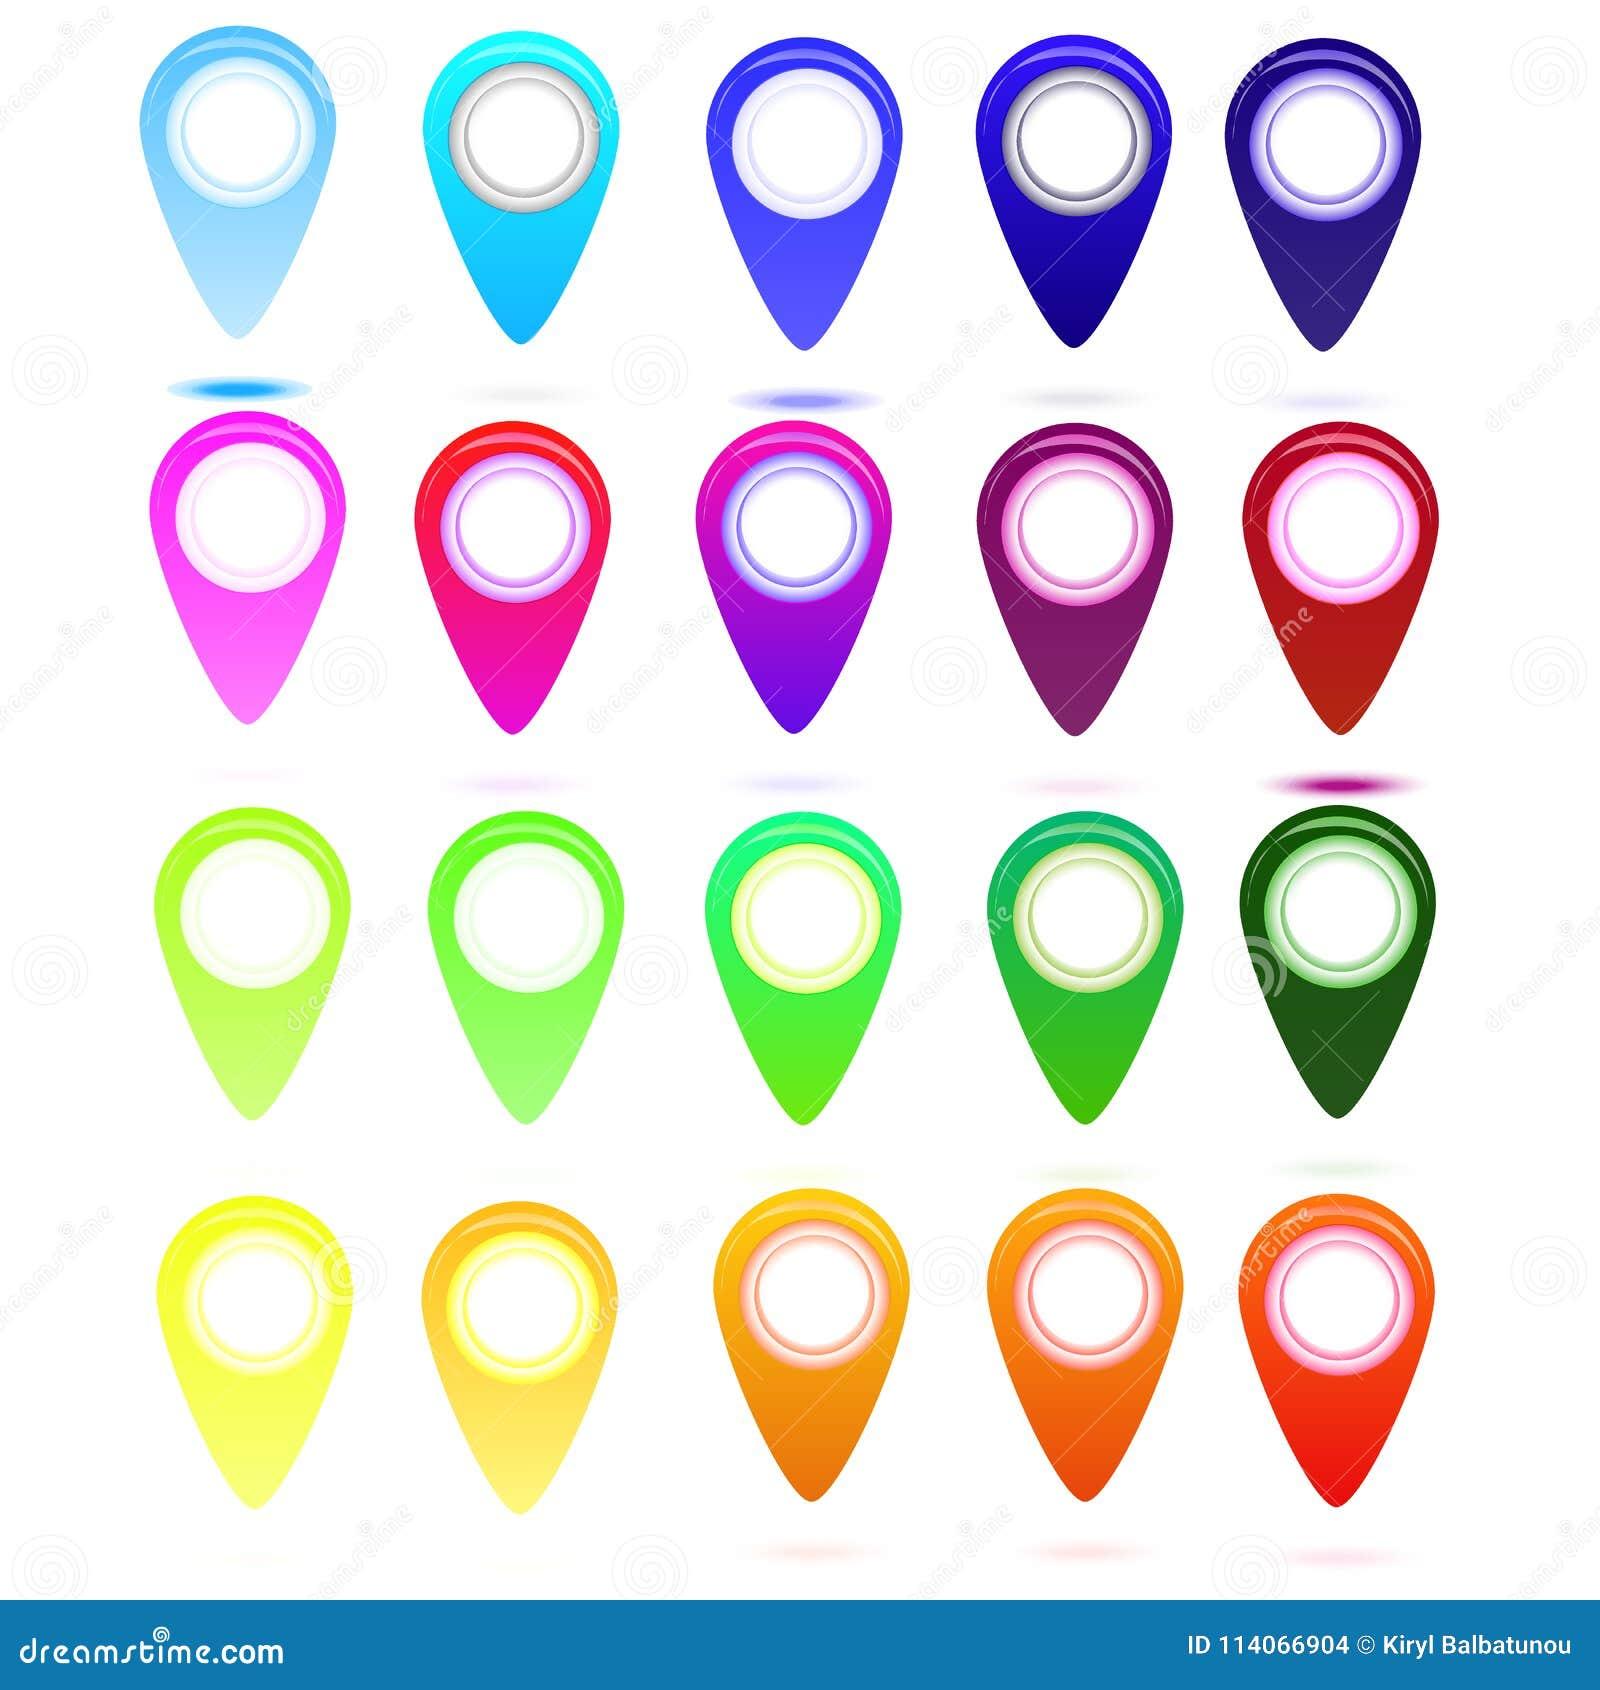 Пестротканый лоснистый комплект символов для карты мира, значок пункта карты сети стрелок, объект сетки, infographics